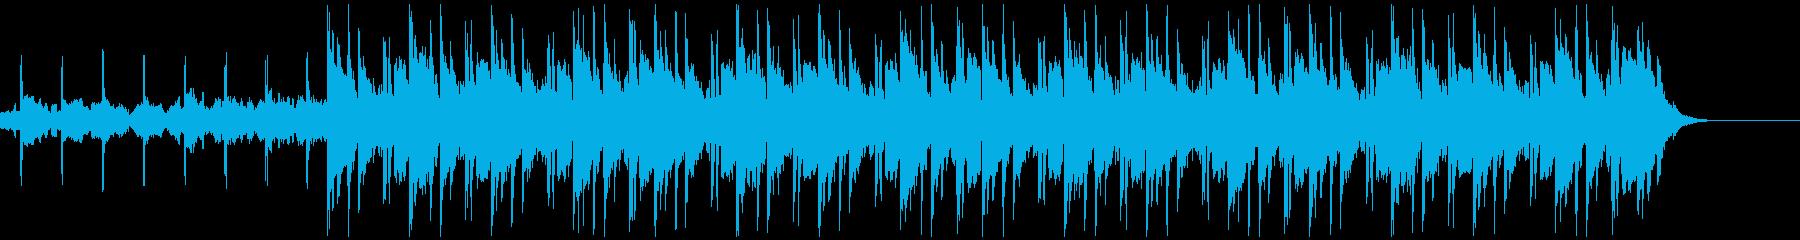 チルアウト/和風エキゾチックなトラップの再生済みの波形